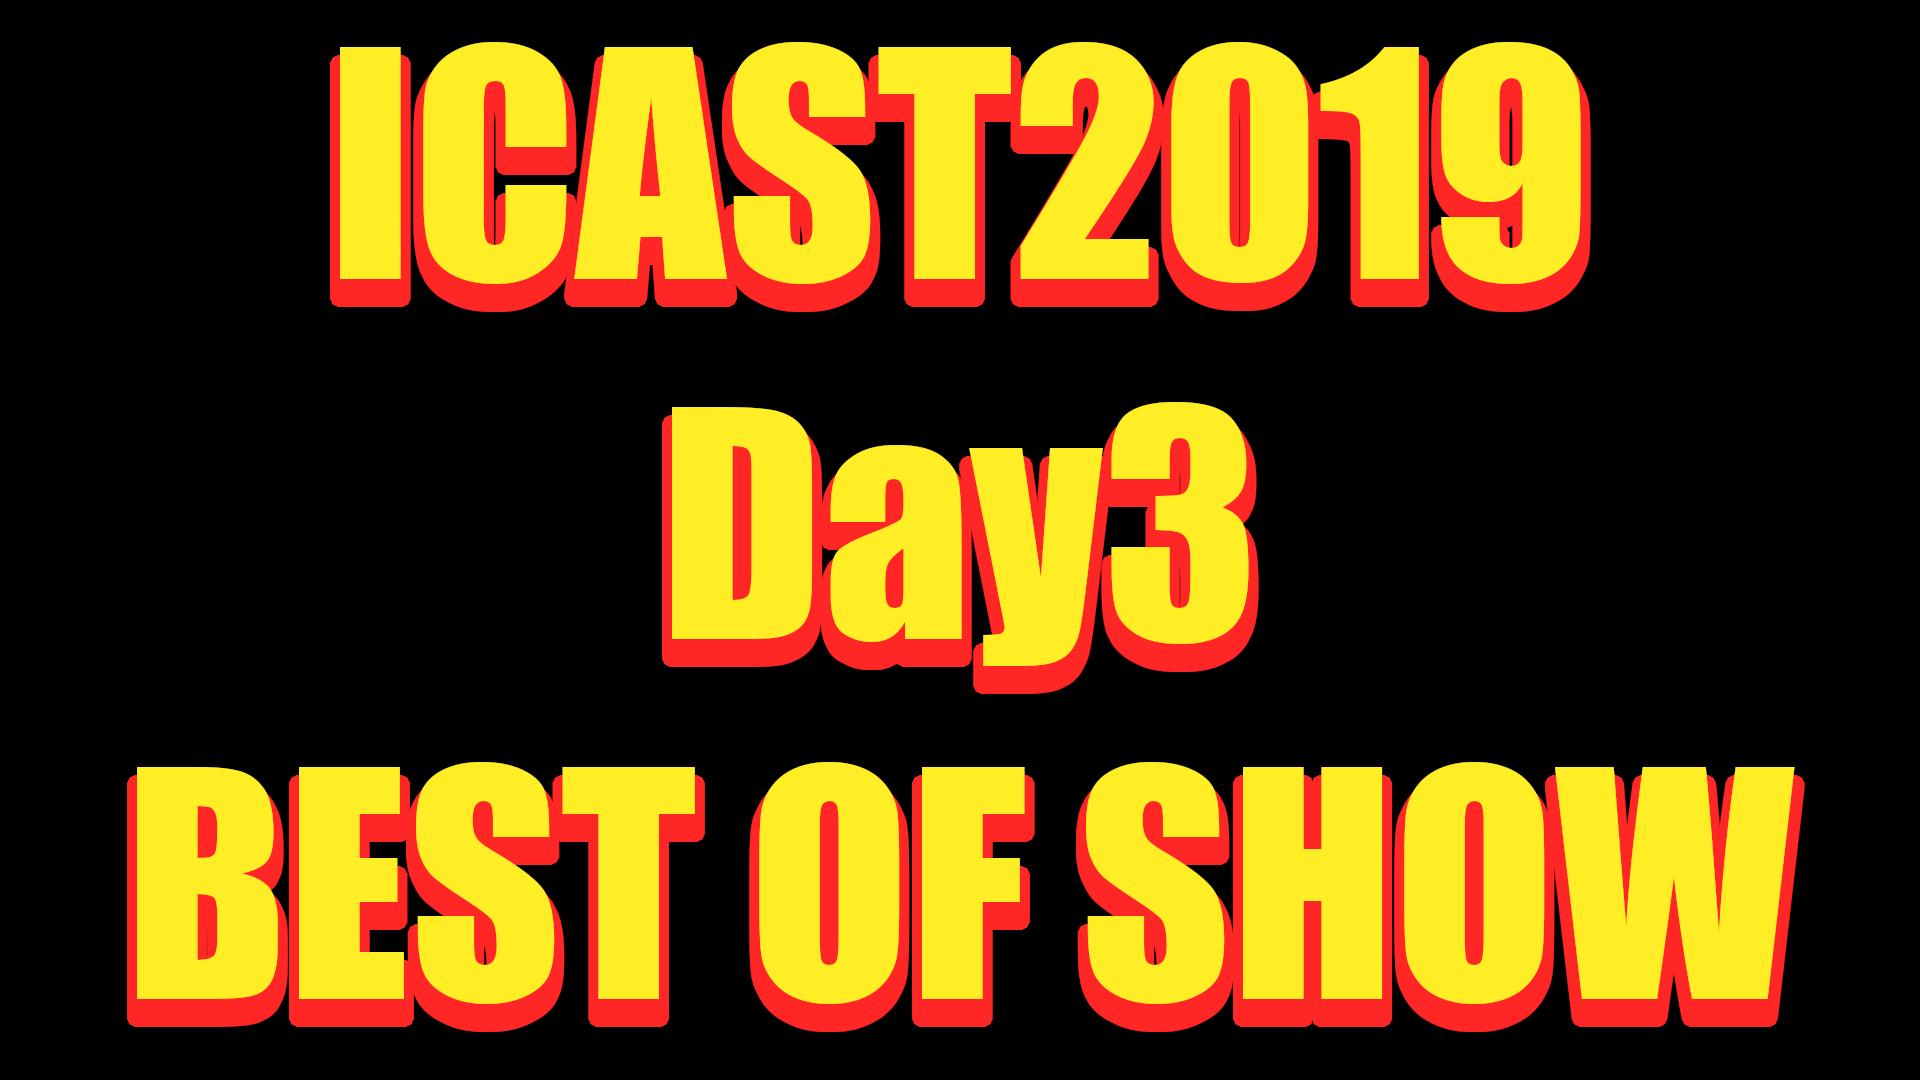 ICAST2019三日目ベストオブショー